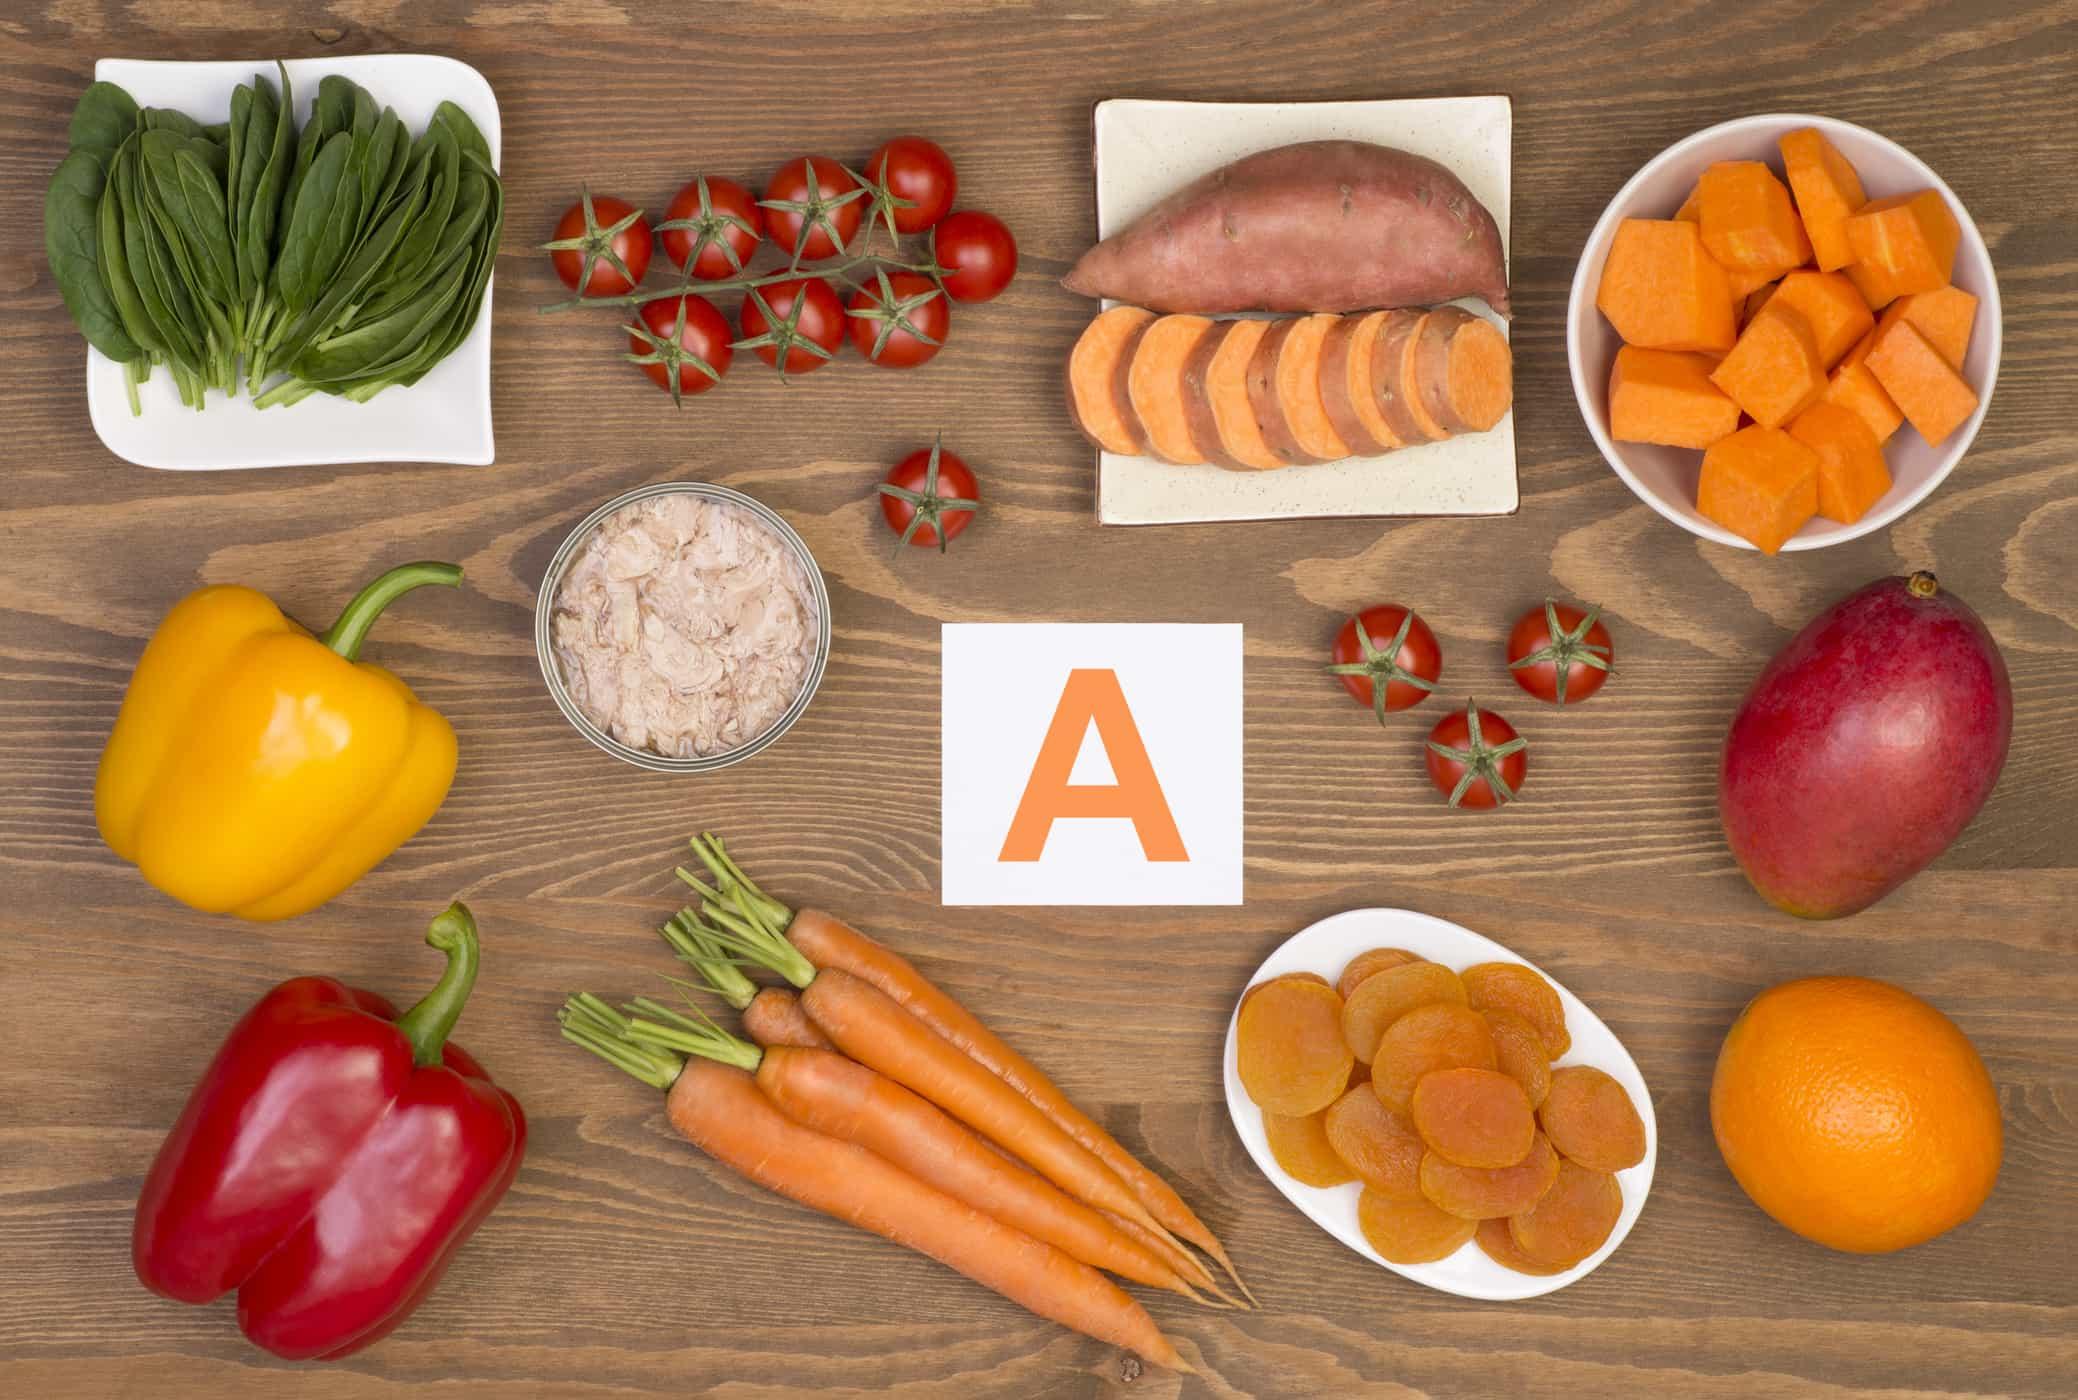 Ba mẹ nên bổ sung thêm vitamin A từ nguồn thực phẩm khác nhau để giúp tăng chiều cao cho bé. Gợi ý: Bơ, phô mai, trứng, sữa, gan, rau xanh đậm, cà rốt, bí đỏ,… Vitamin D